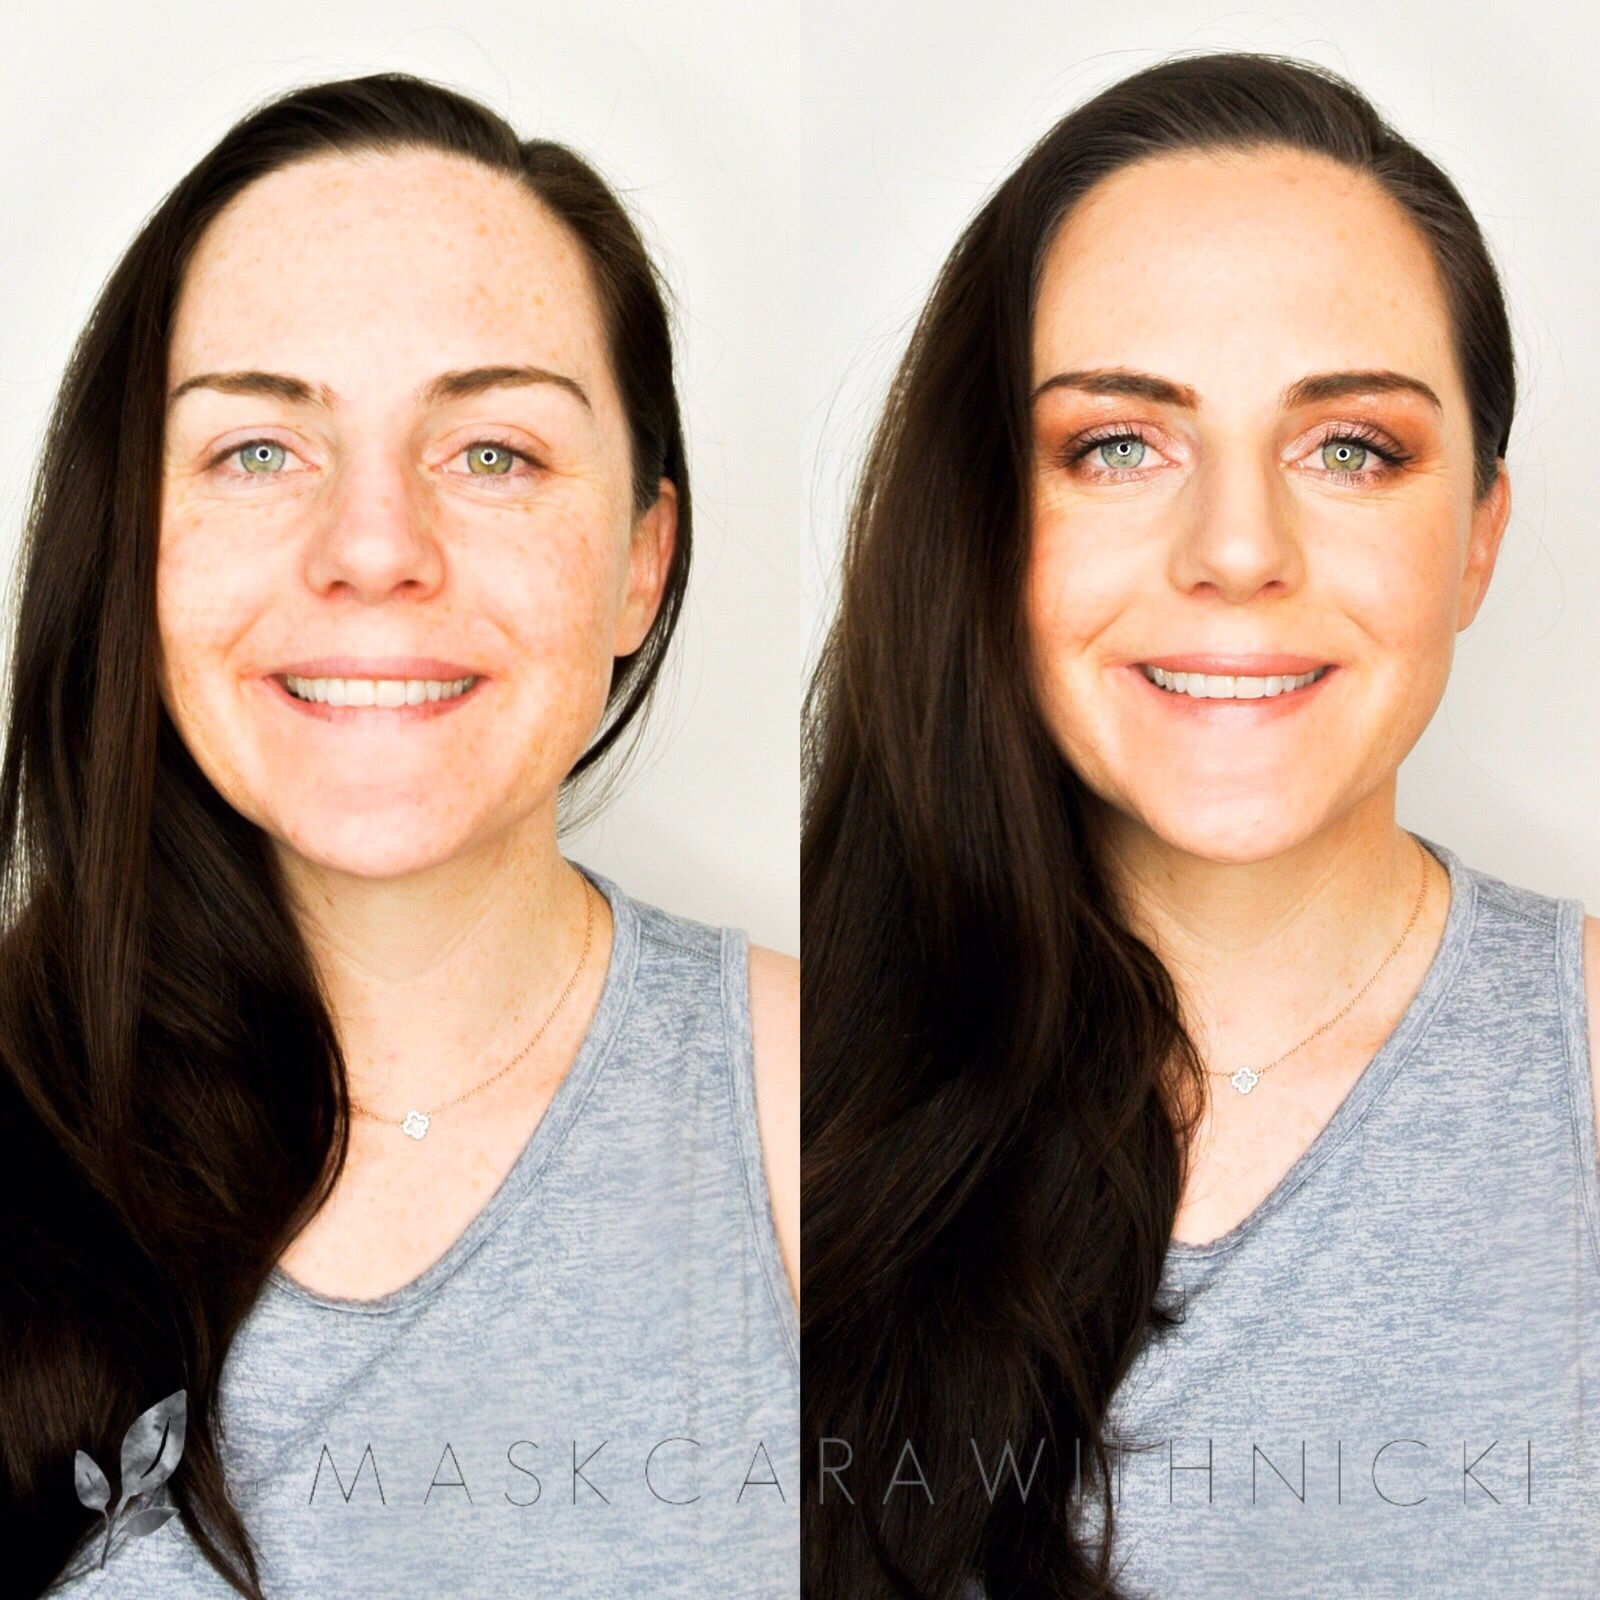 Meet Amber Maskcara beauty, Maskcara makeup, Cream makeup